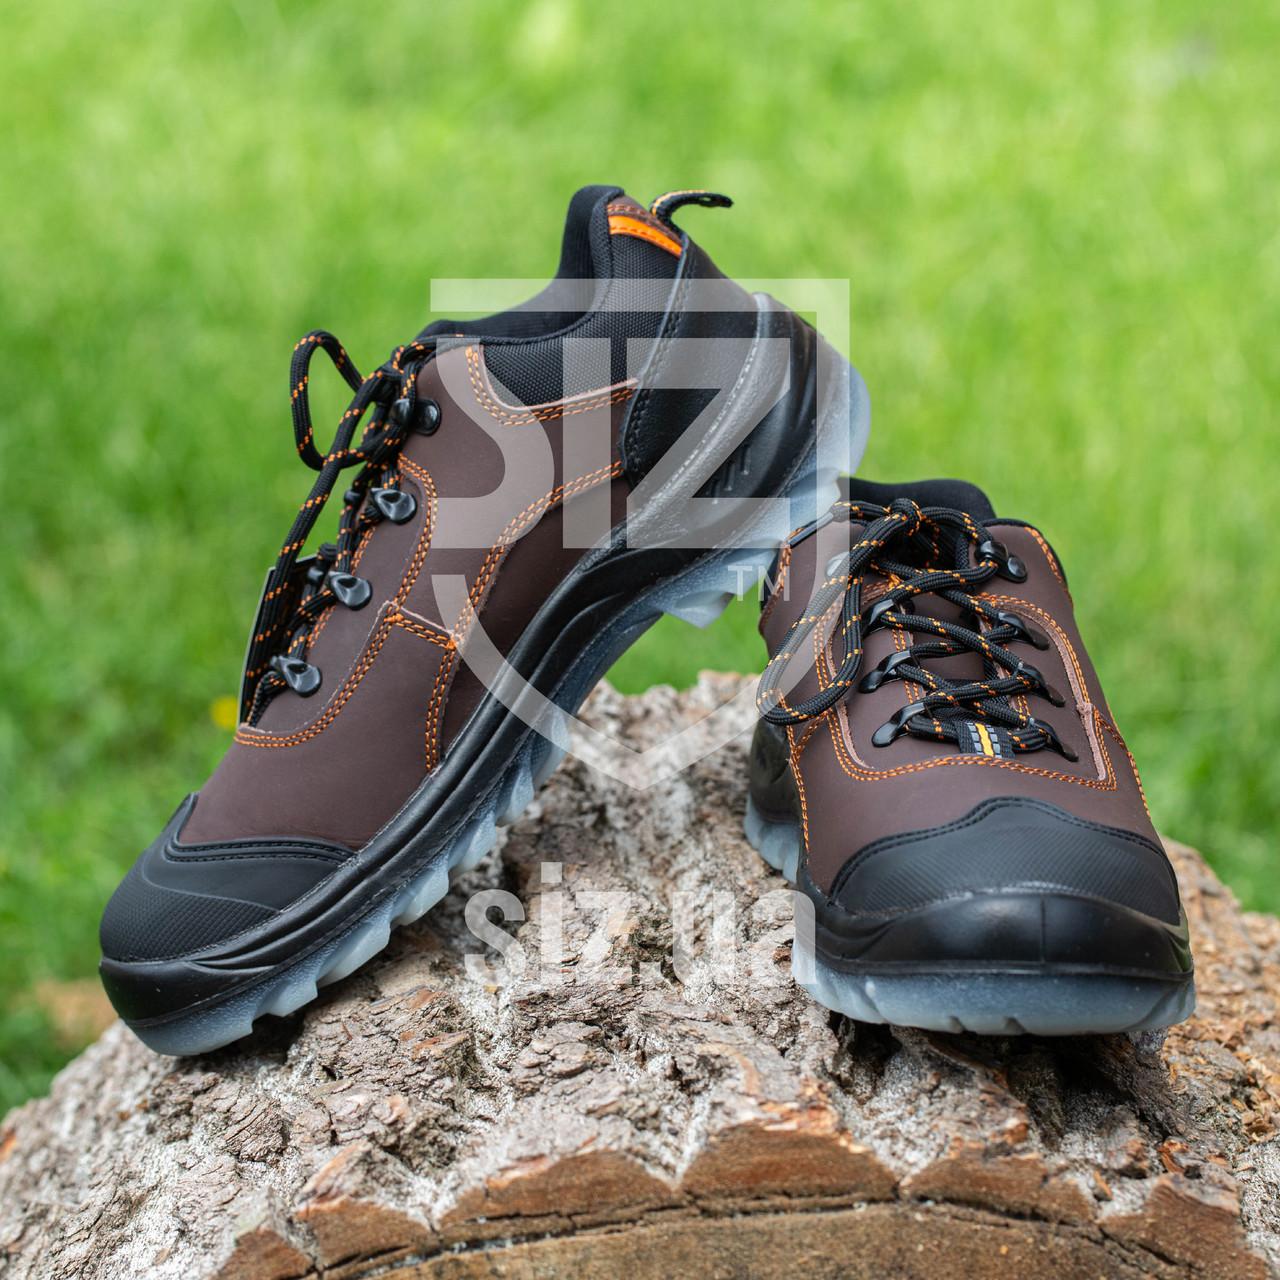 Полуботинки 220 S3  с металлическим носком и антипрокольной стелькой. Urgent (POLAND)